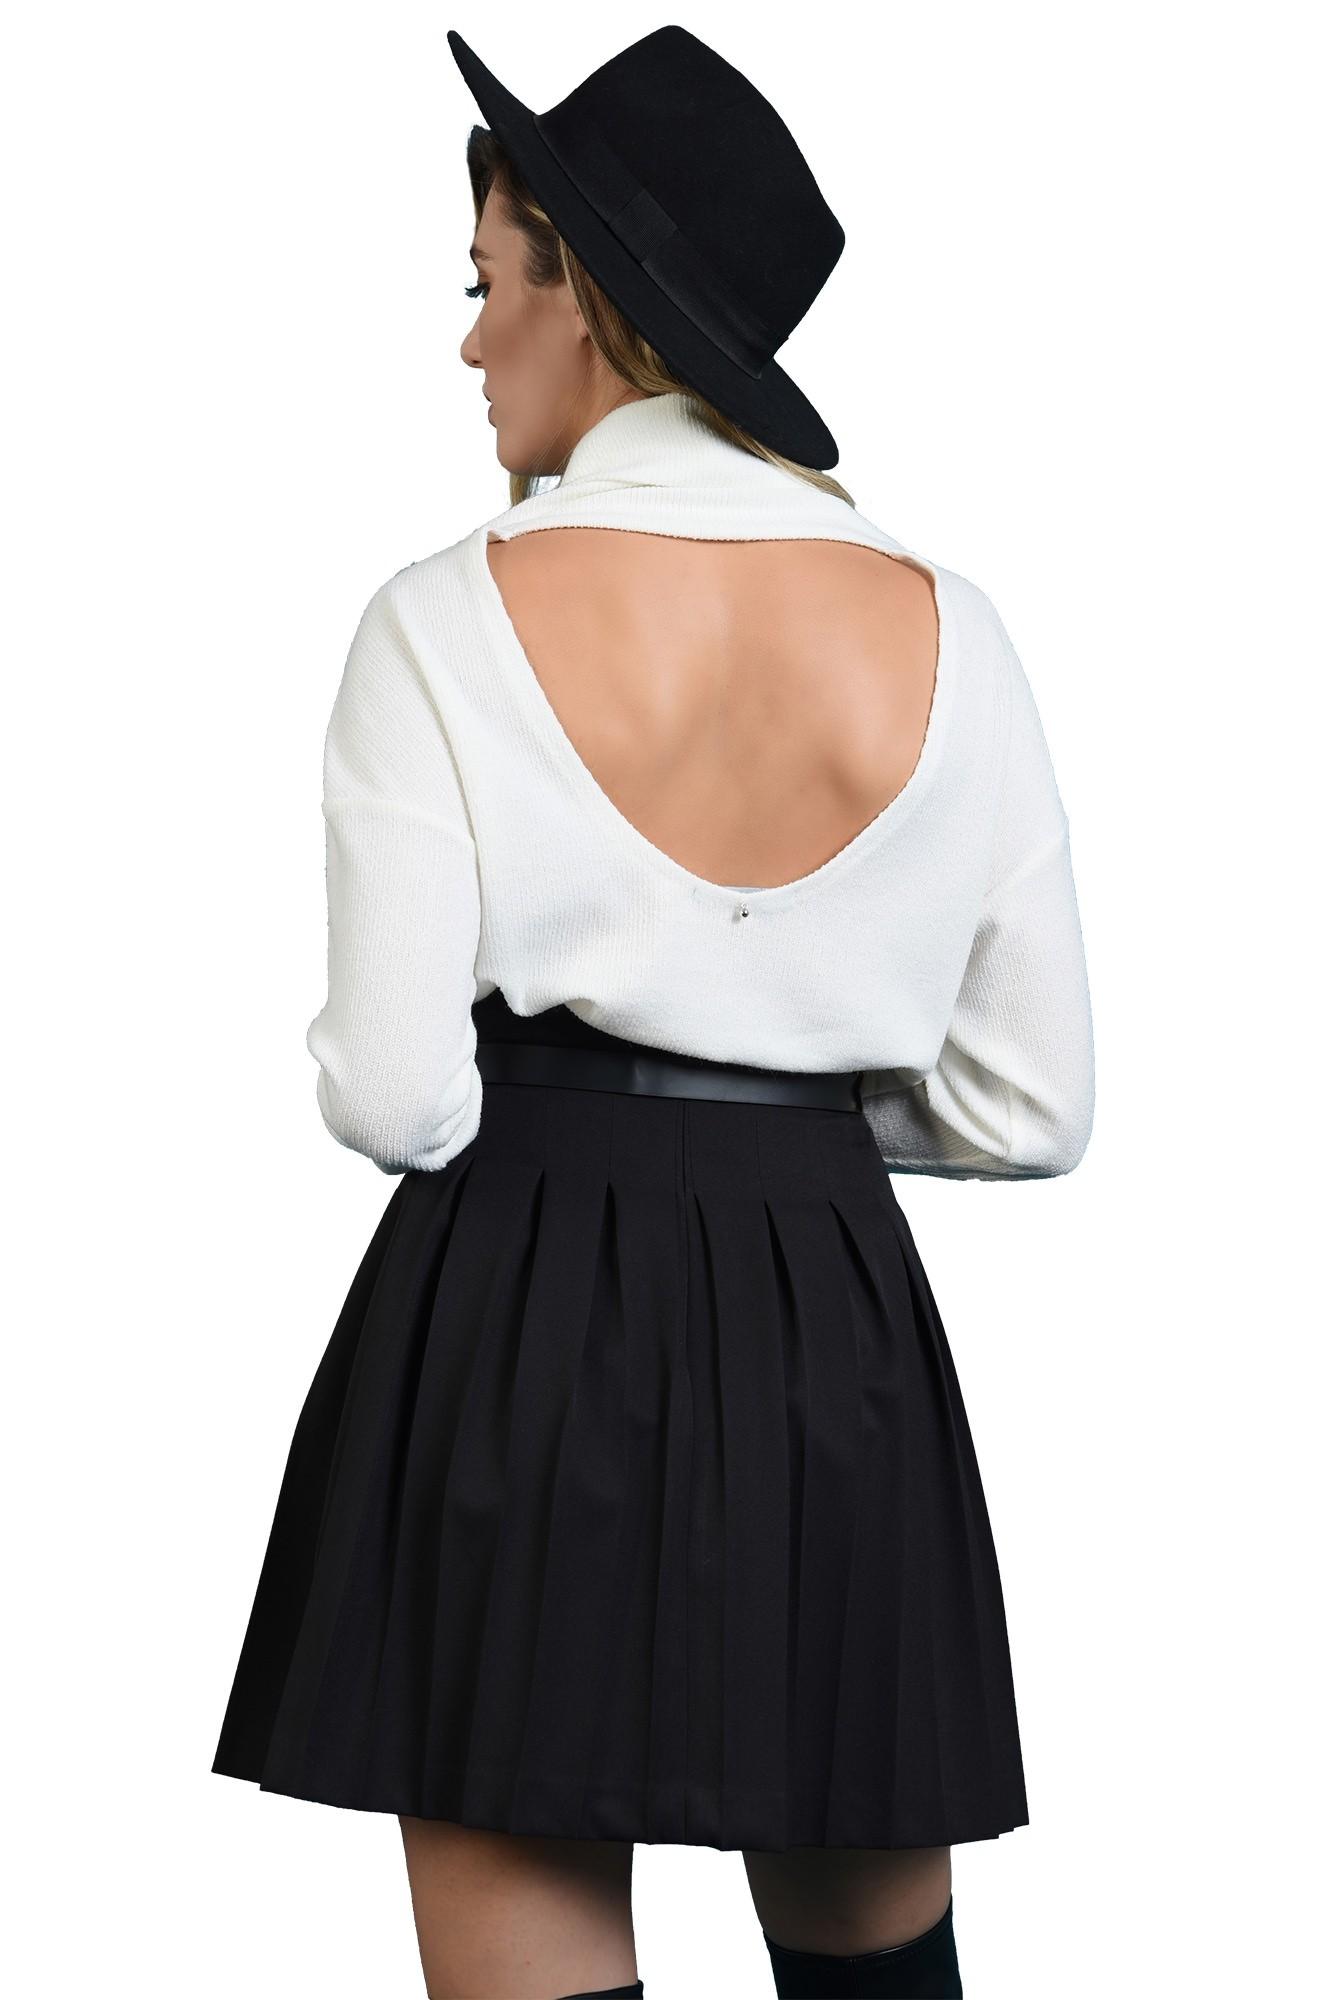 pulover alb, cu guler, cu spatele decupat, cu maneca lunga